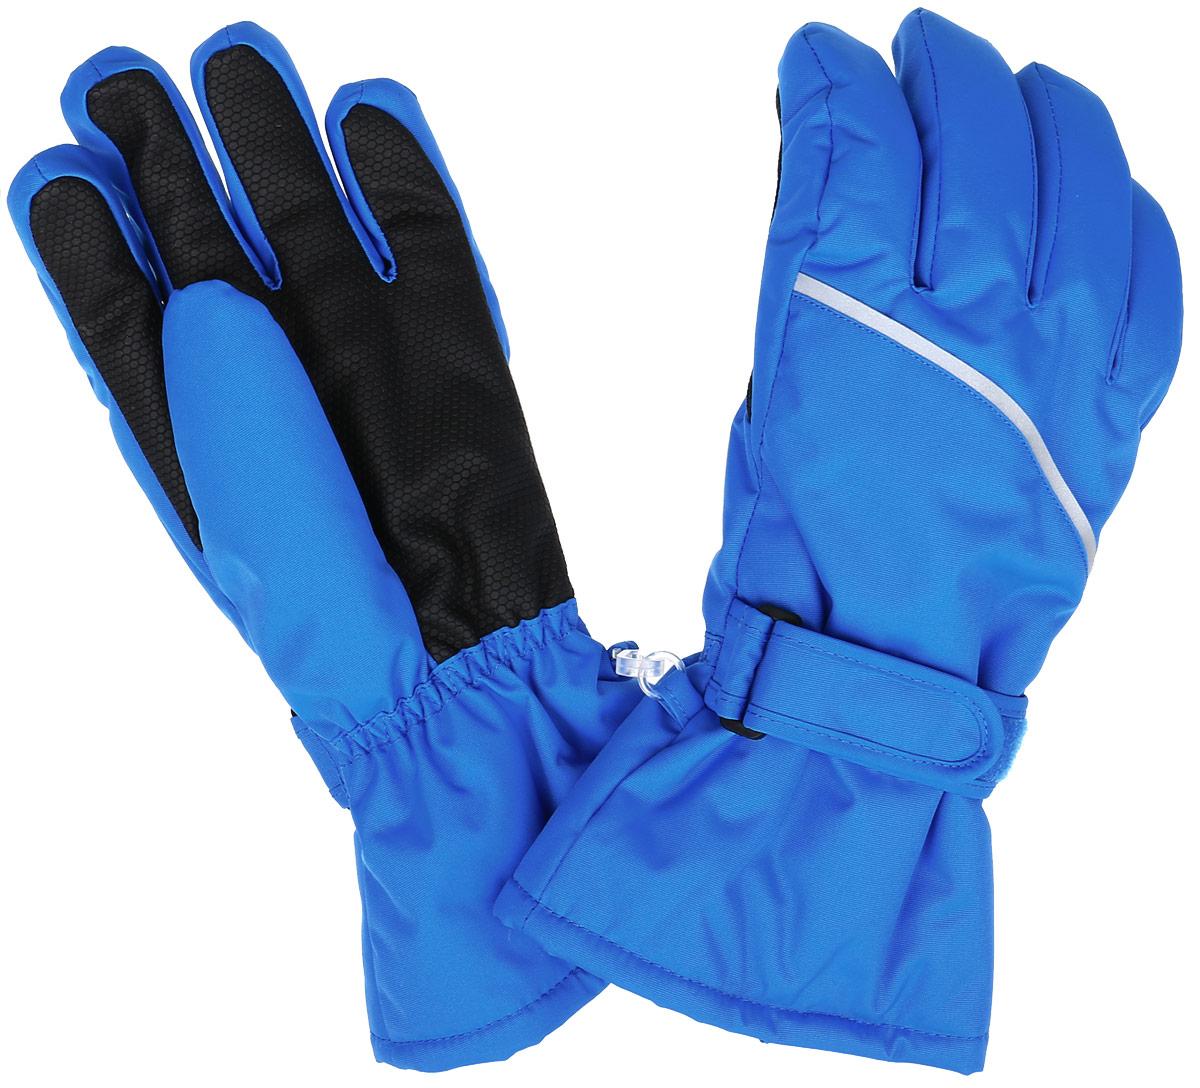 527257-4900Детские перчатки Reima Harald, изготовленные из мембранной ткани с водо- и ветрозащитным покрытием, станут идеальным вариантом для холодной зимней погоды. На подкладке используется мягкий полиэстер с добавлением шерсти, акрила и полиамида. Для большего удобства на запястьях перчатки дополнены хлястиками на липучках с внешней стороны, а на ладошках, кончиках пальцев и с внутренней стороны большого пальца - усиленными вставками Hipora. С внешней стороны перчатки оформлены светоотражающими полосами. Высокая степень утепления. Перчатки станут идеальным вариантом для прохладной погоды, в них ребенку будет тепло и комфортно. Водонепроницаемость: Waterpillar over 10 000 mm